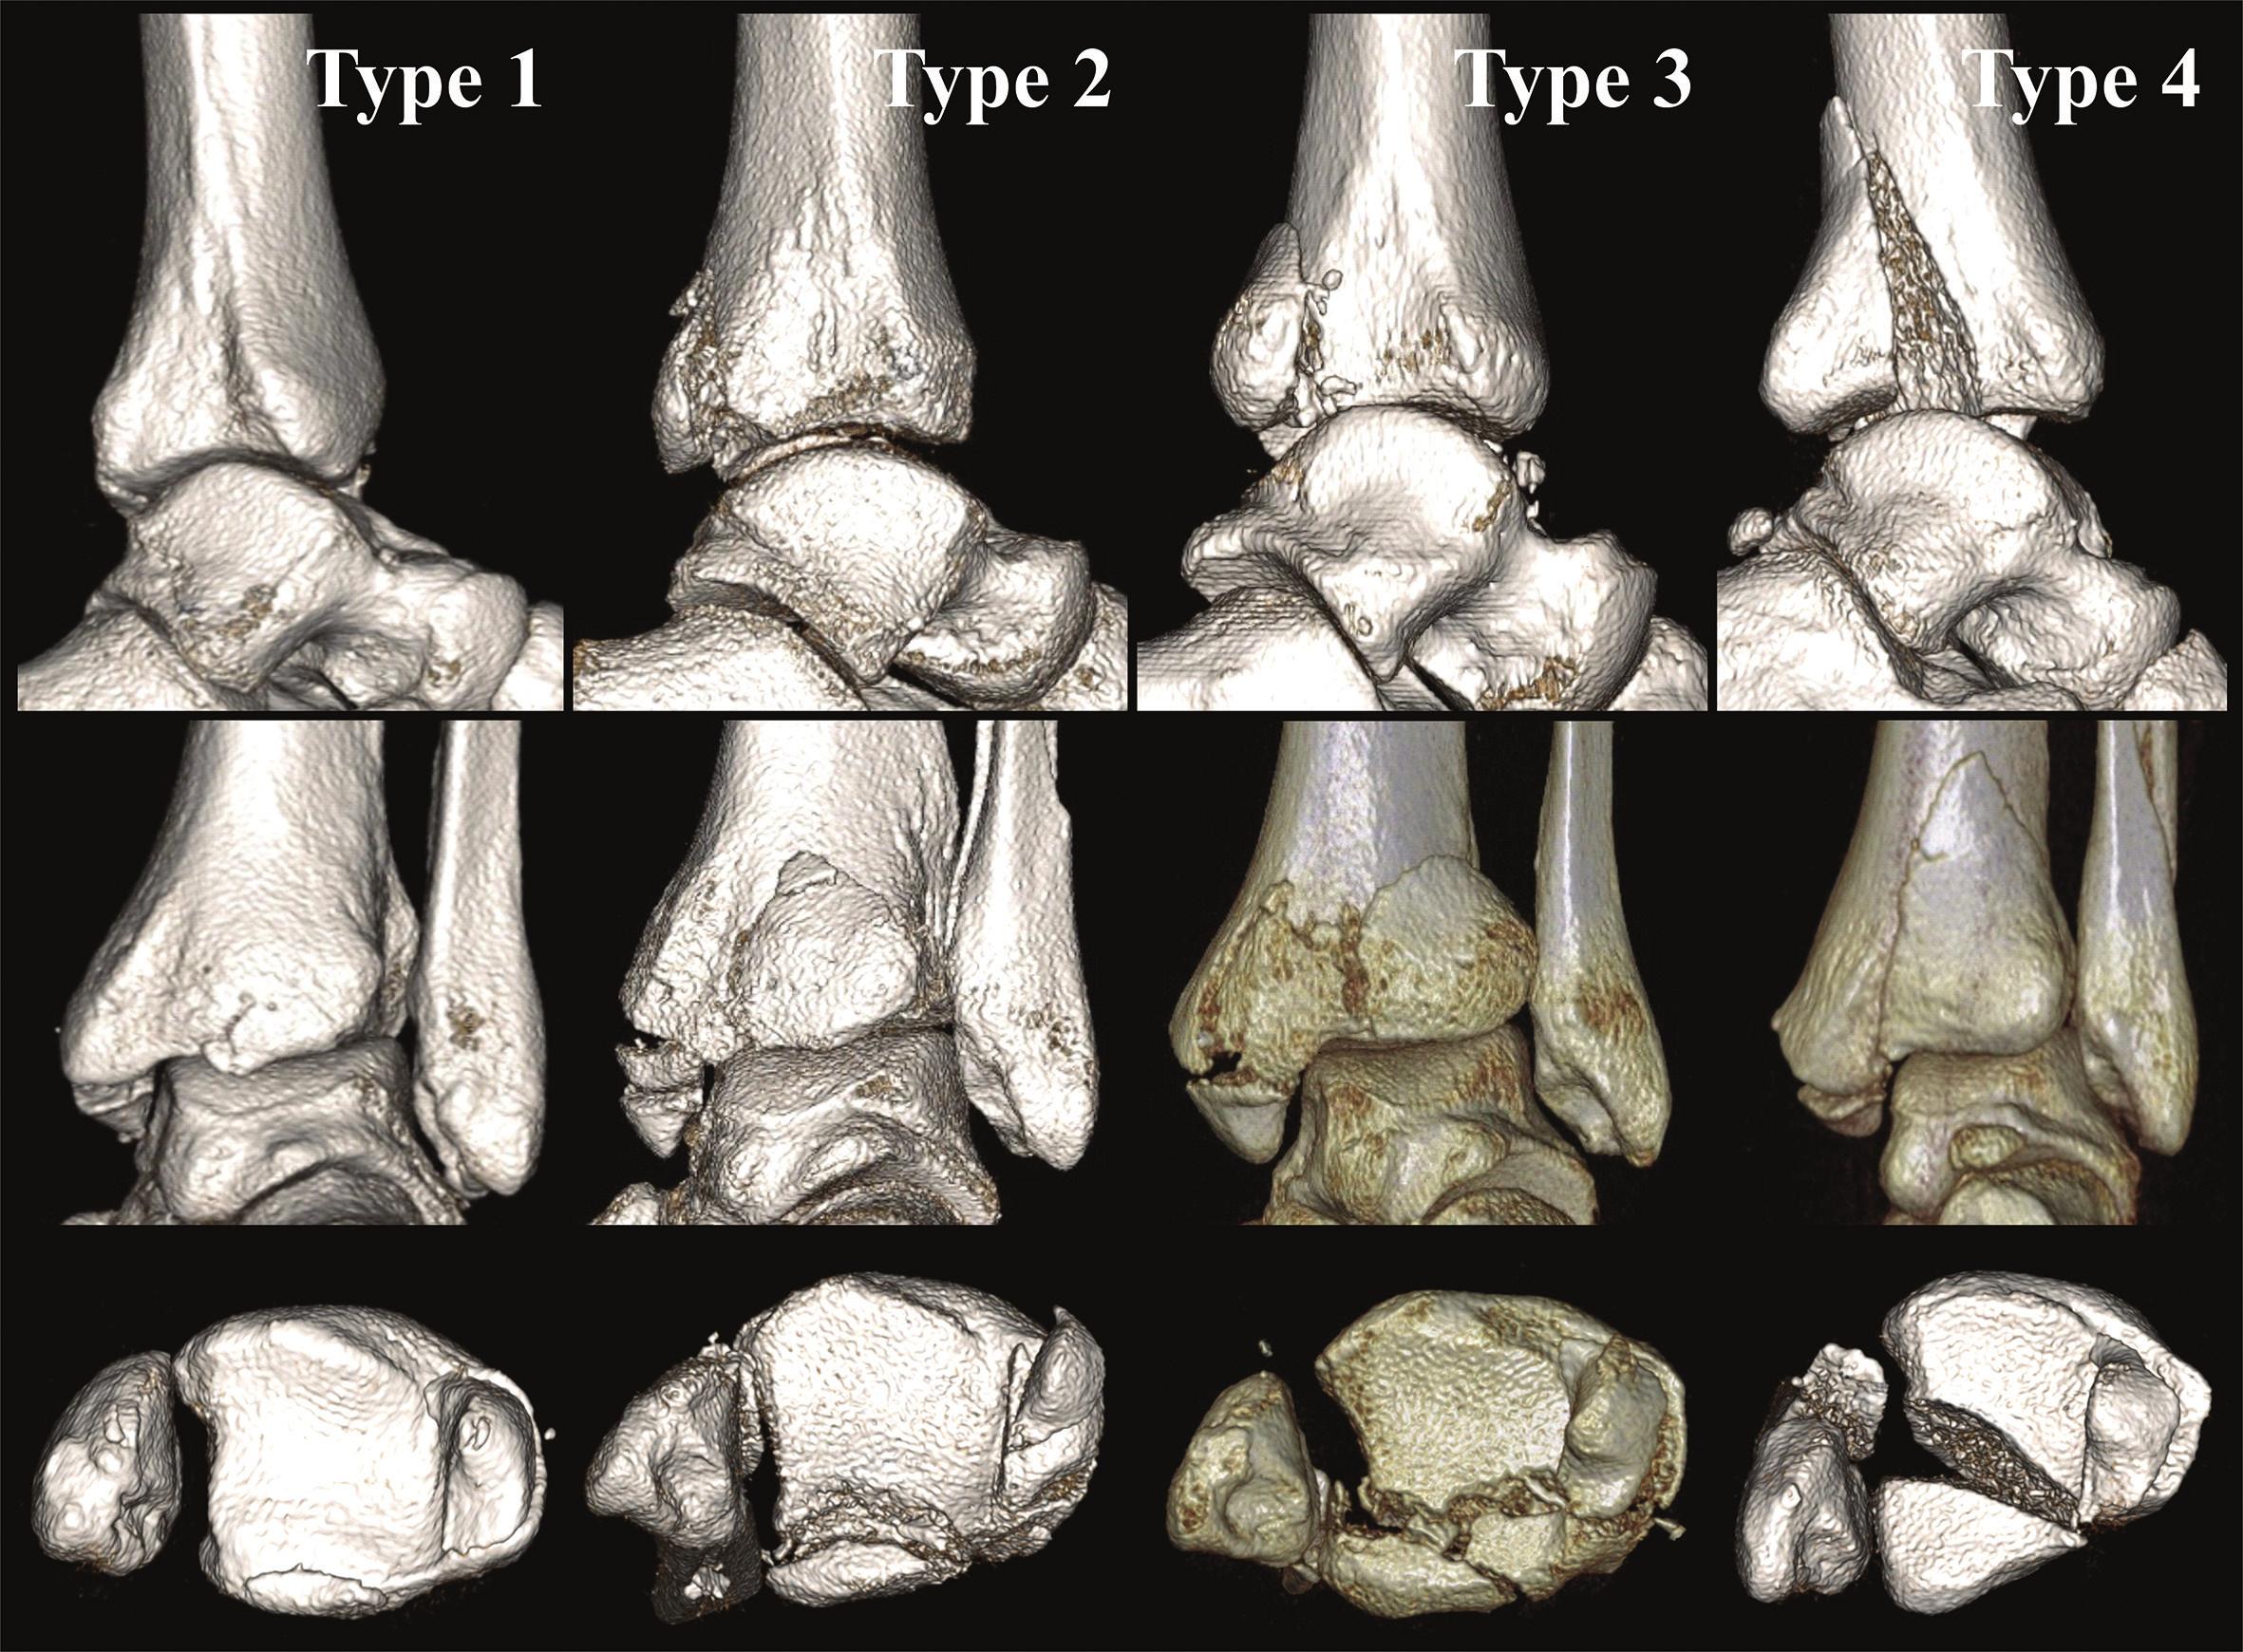 Anatomická 3D CT klasifikace z r. 2015 [34] Jednotlivé typy z Obr. 6 na 3D CT rekonstrukcích. Typ 1 – extraincisuralní fragment, Typ 2 – posterolaterální fragment, Typ 3 – dvojitý fragment s postižením mediálního kotníku, Typ 4 – velký triangulární fragment. Horní pás ukazuje jednotlivé typy v pohledu z laterální strany po subtrakci fibuly. Je dobře hodnotitelné postižení incisura fibularis tibiae. Ve středním pásu pohled z dorzální strany. Zde je patrný základní tvar fragmentu. V dolním pásu pohled do tibiofibulární vidlice po subtrakci talu. V tomto pohledu lze hodnotit rozsah postižení kloubní plochy distální tibie. Fig. 10: Anatomical 3D CT classification published in 2015 [34] Individual types from Fig. 6 on 3D CT reconstructions. Type 1 – extraincisural fragment, Type 2 – posterolateral fragment, Type 3 – two- part fragment with involvement of medial malleolus, Type 4 – large triangular fragment. Figures in the upper row show individual fracture types from the lateral view after subtraction of the fibula, allowing proper assessment of involvement of the incisura fibularis tibiae; the middle row includes figures from the posterior view, showing the basic shape of the fragment; and figures in the lower row show the tibiofibular mortise after subtraction of the talus, allowing assessment of involvement of the articular surface of the distal tibia.